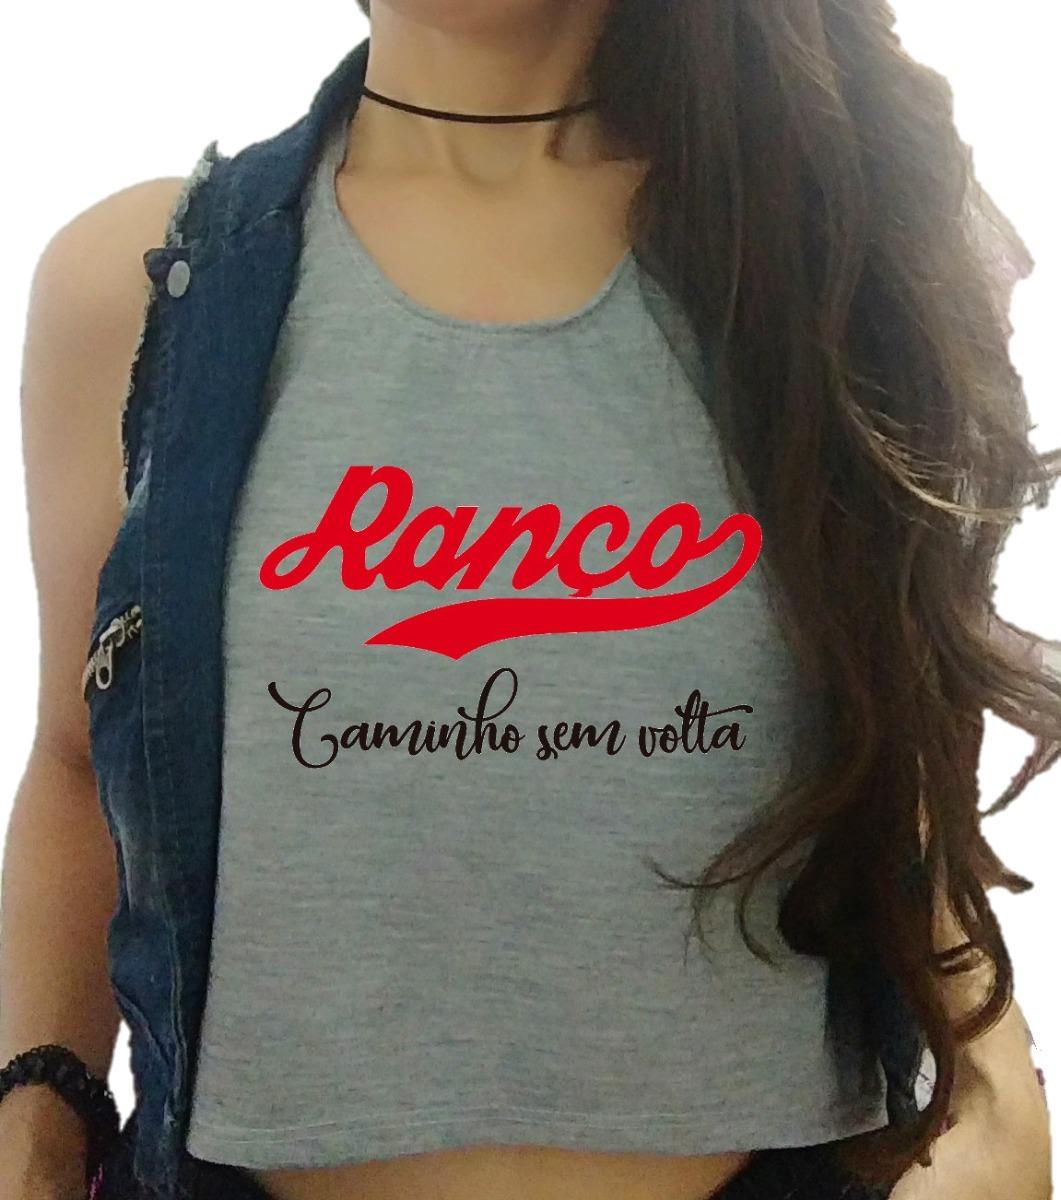 fe1ba0fac5 camiseta tumblr copped blusa feminina ranço moda 2018 barato. Carregando  zoom.